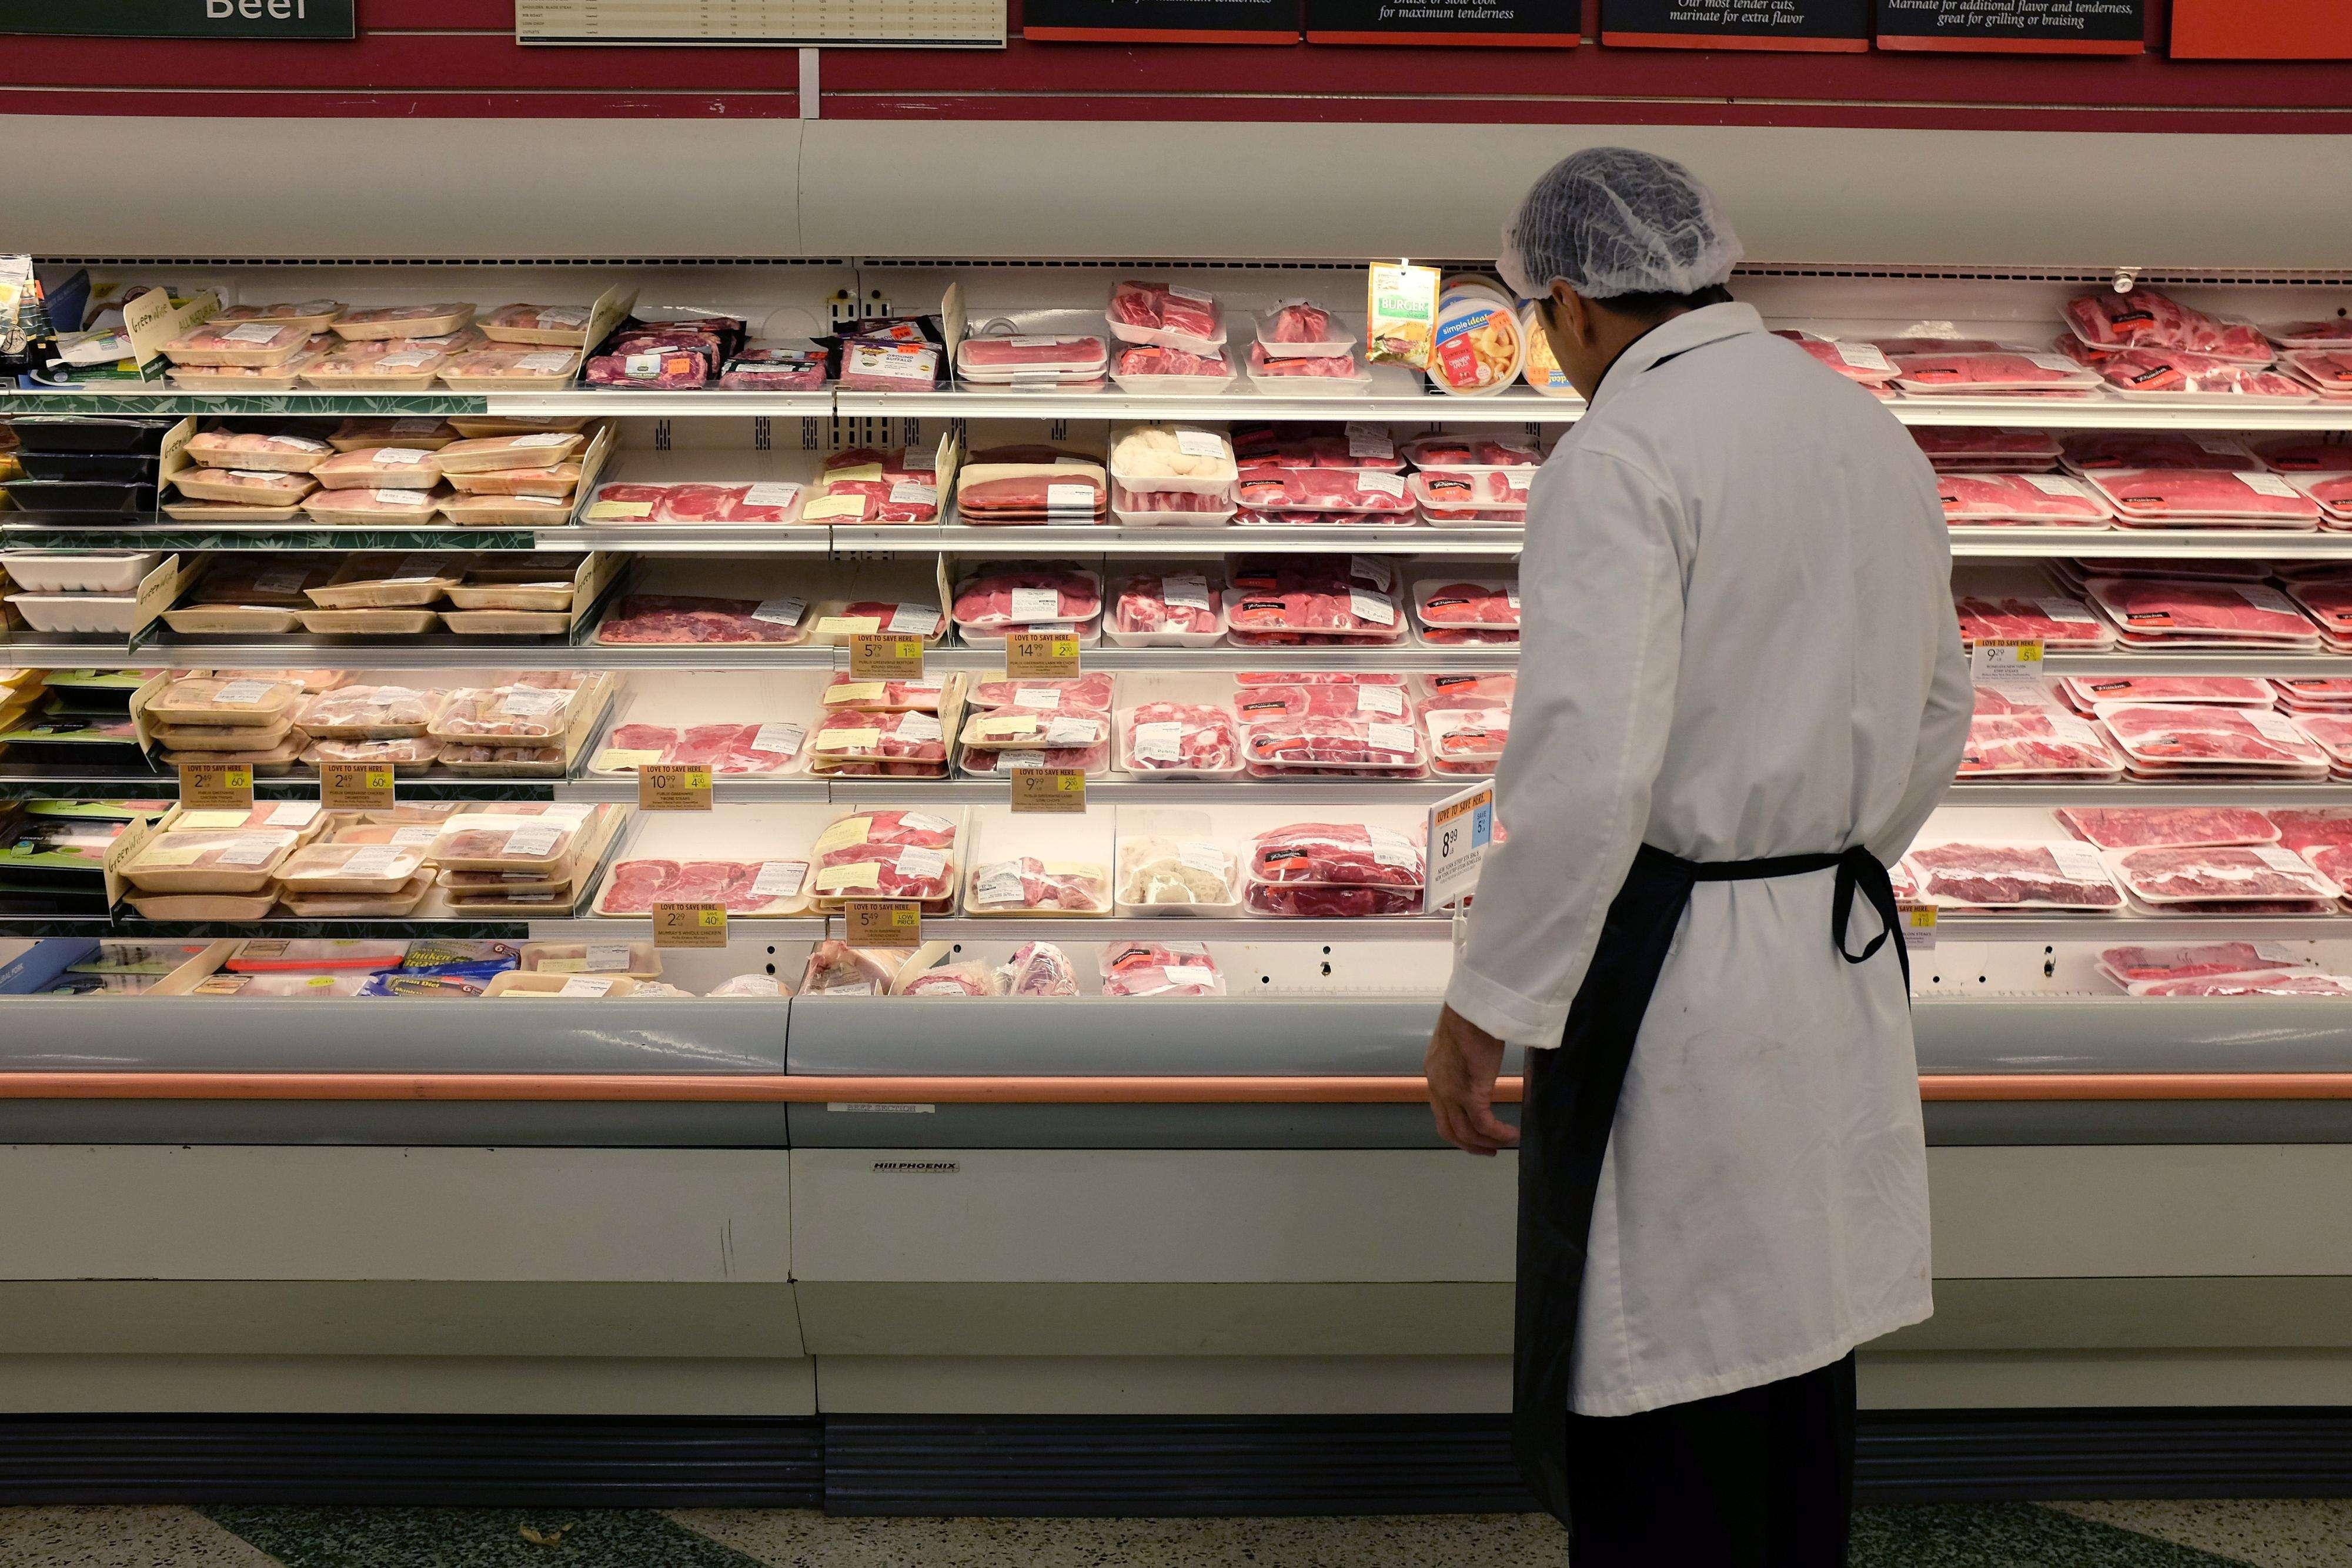 O governo russo proibirá a importação de frutas, vegetais, carnes, peixes e laticínios dos Estados Unidos, União Europeia, Austrália, Canadá e Noruega Foto: Getty Images